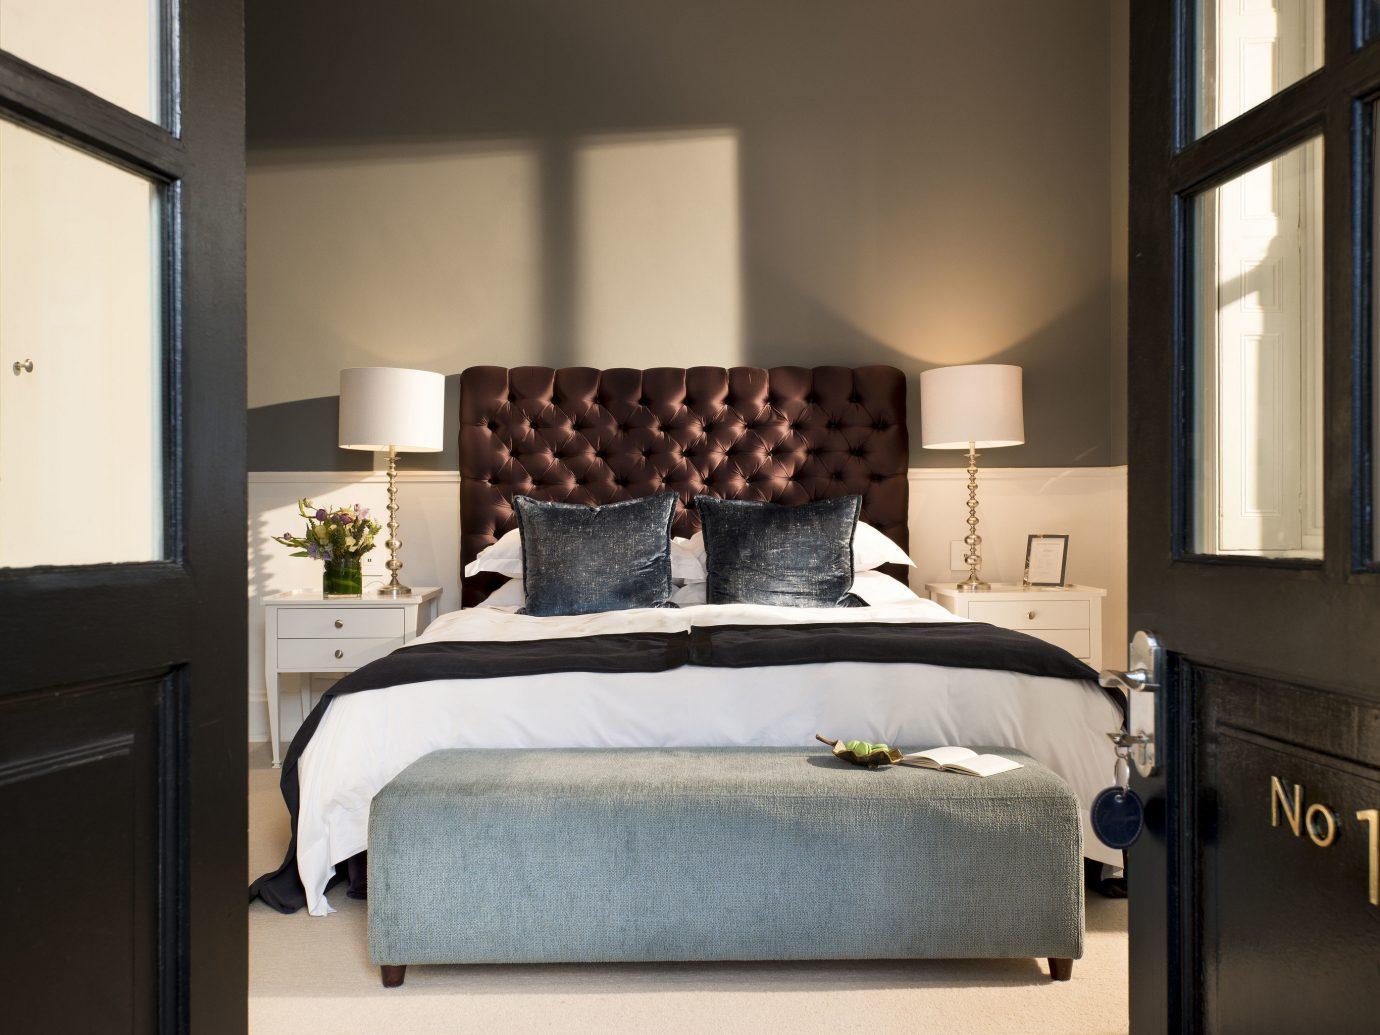 Hotels indoor wall bed room Bedroom floor property home furniture interior design living room Suite hotel bed frame Design bed sheet cottage